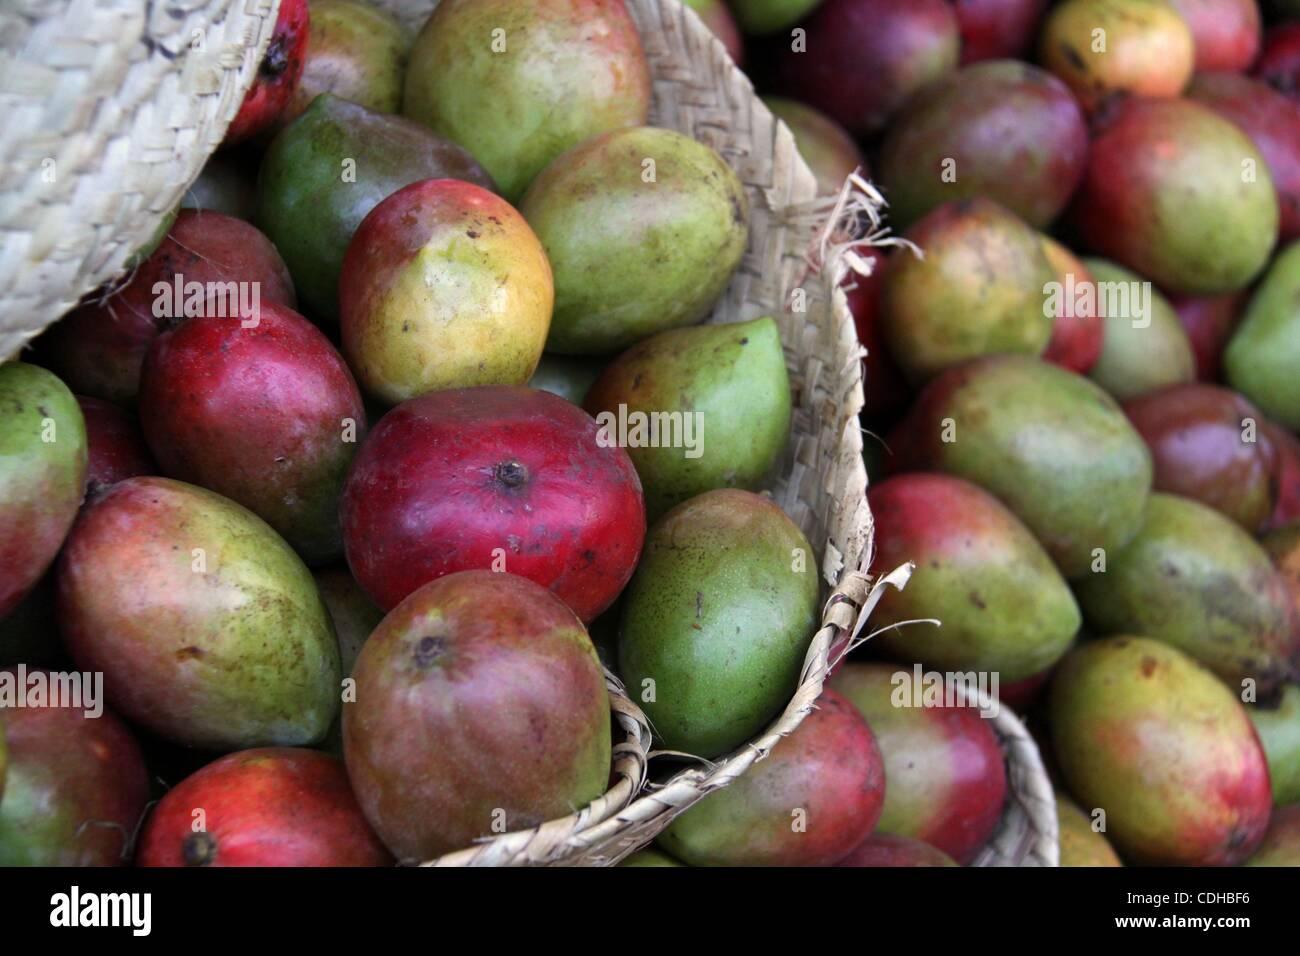 Feb 02, 2011 - Nairobi, Kenya - Mangos at Marikiti Market, wholesale